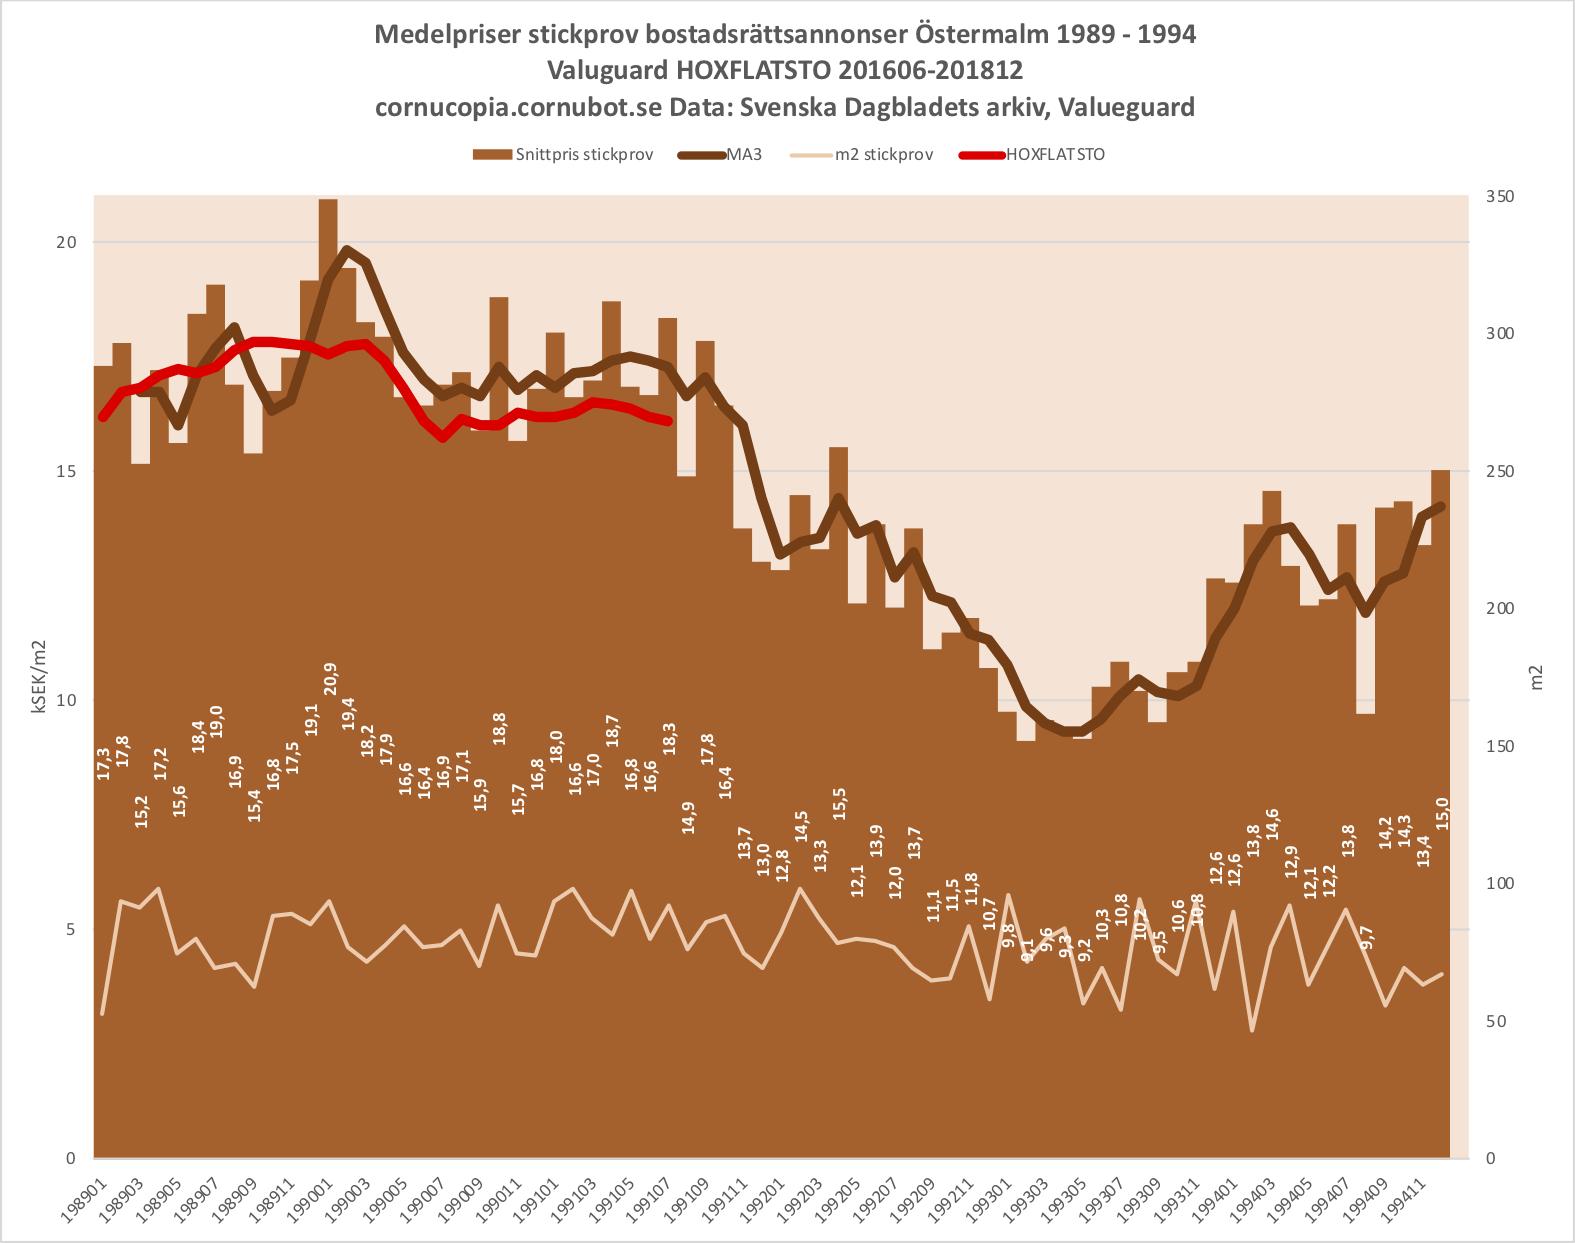 d8ef47b99e72 Cornucopia?: Stockholms lägenhetspriser fortsätter följa 90-talskraschen